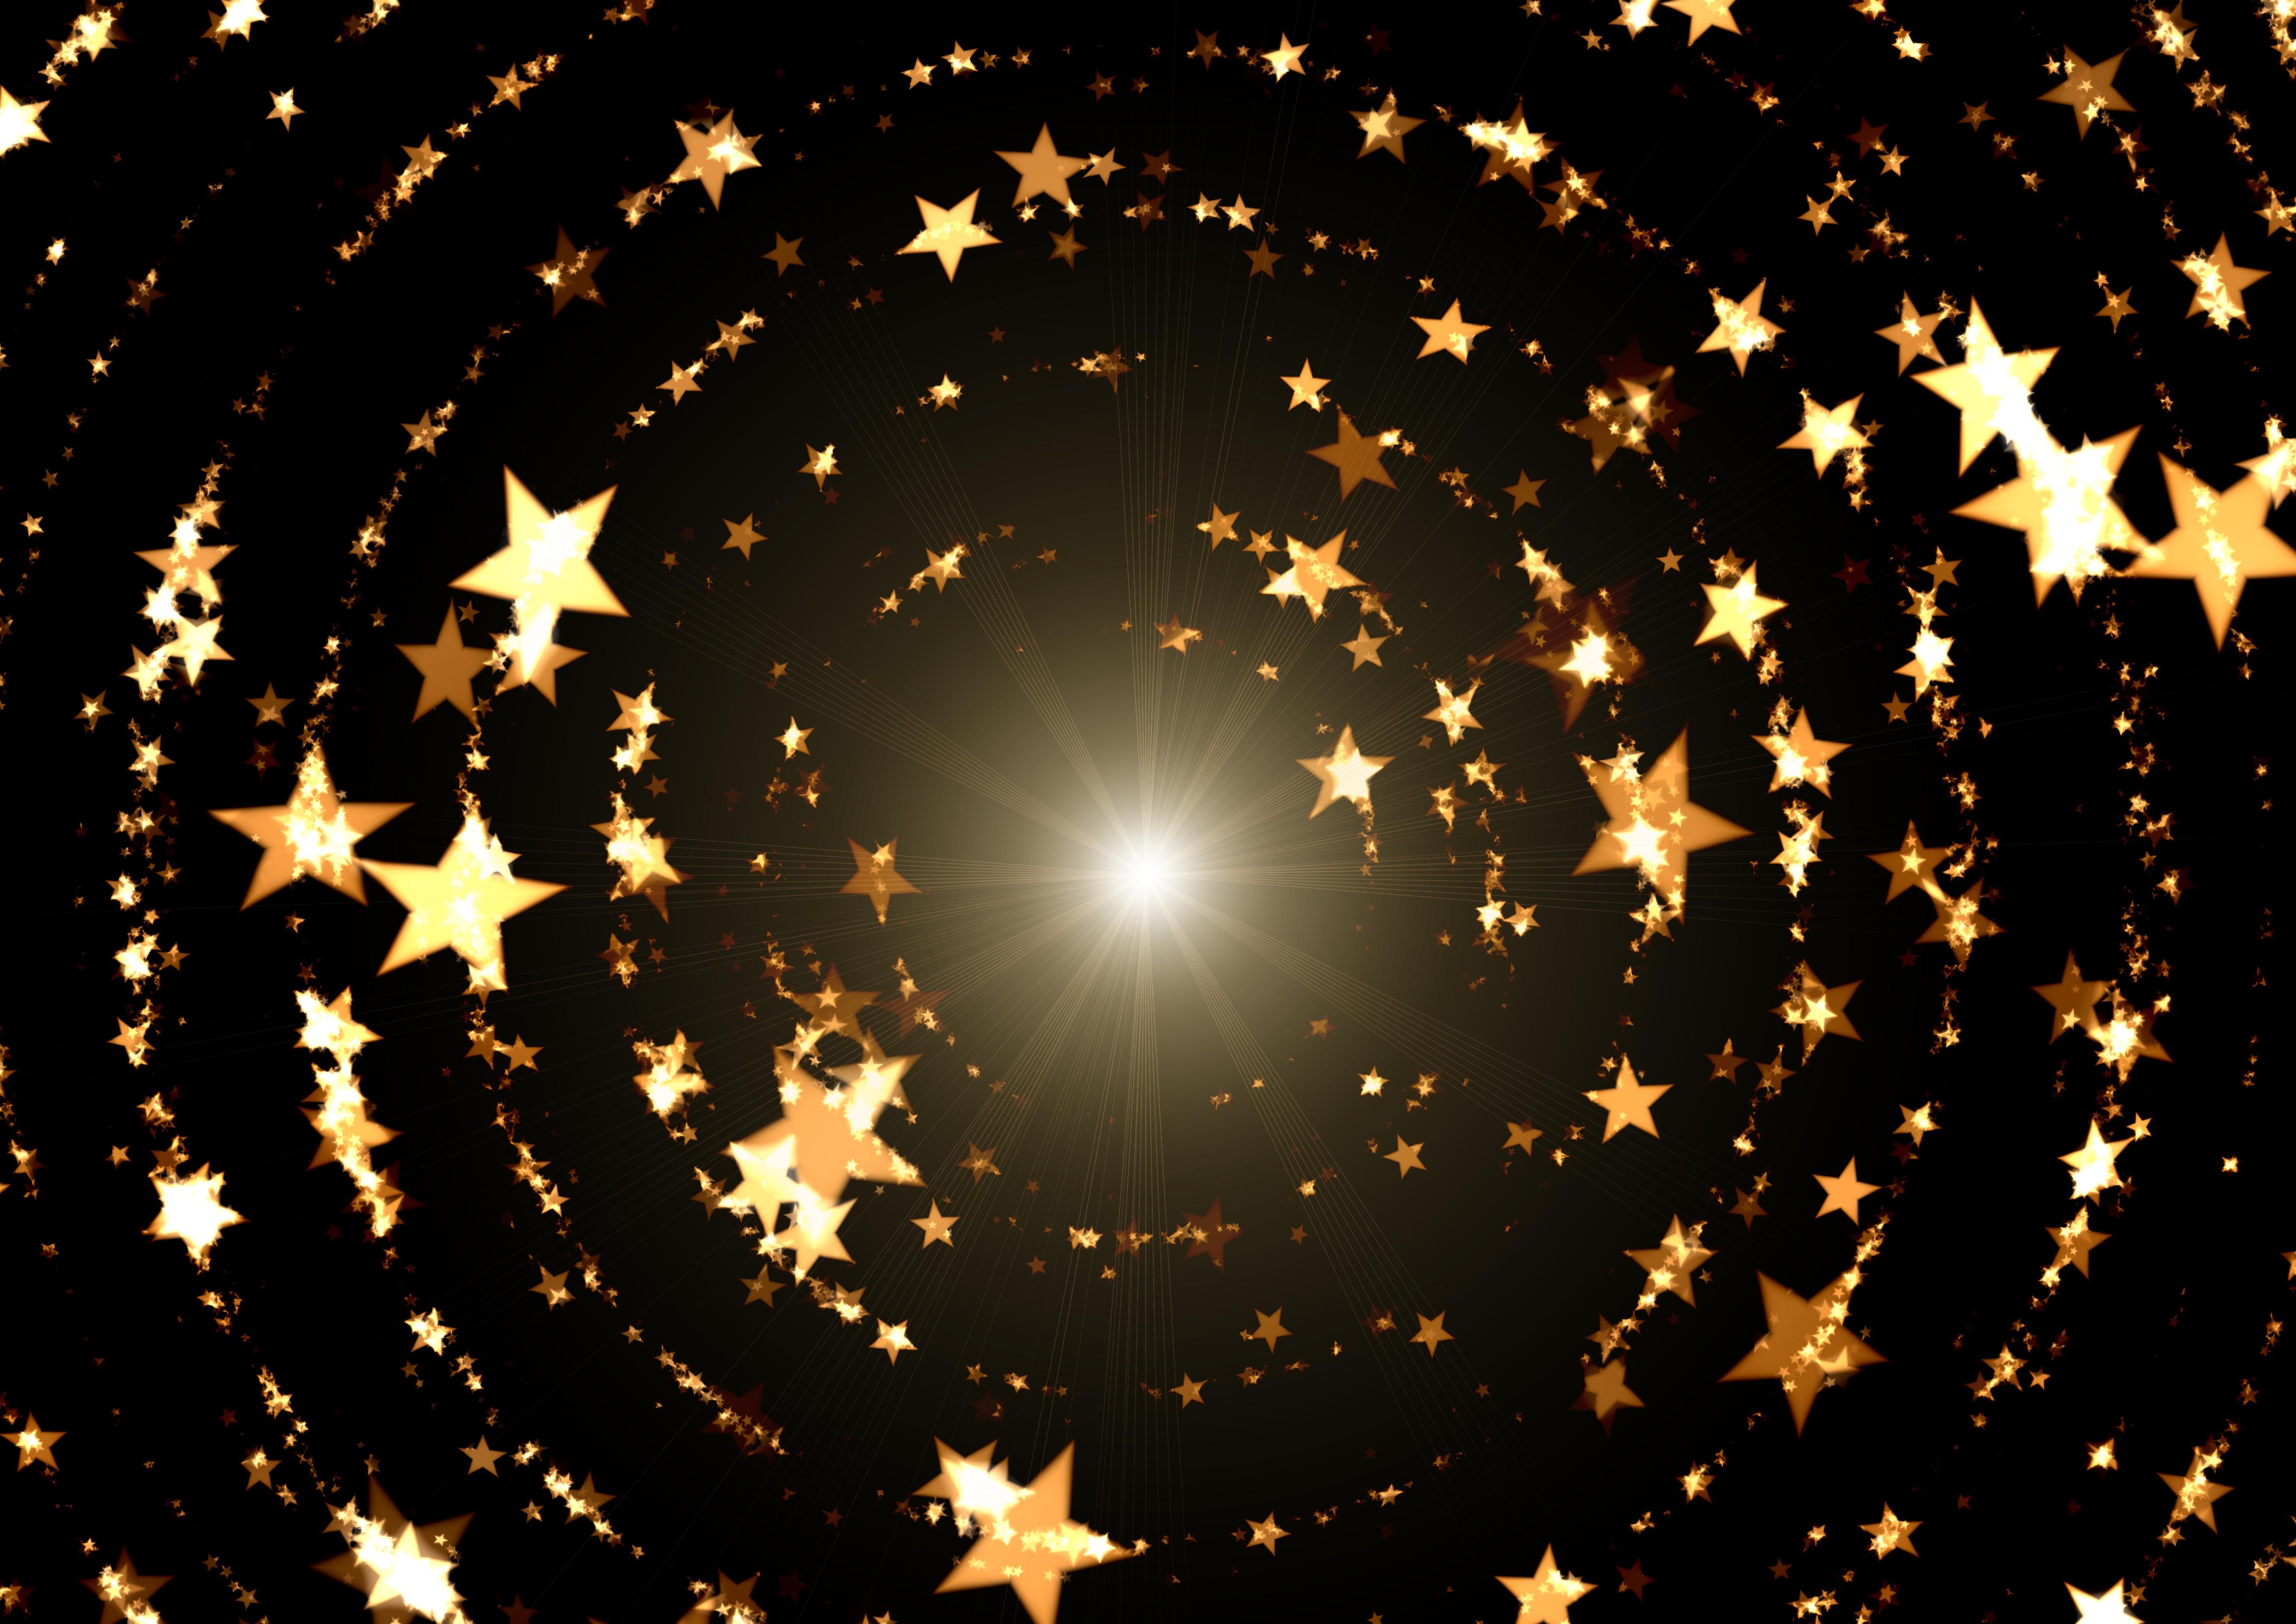 Открытки, звезда картинка с анимацией